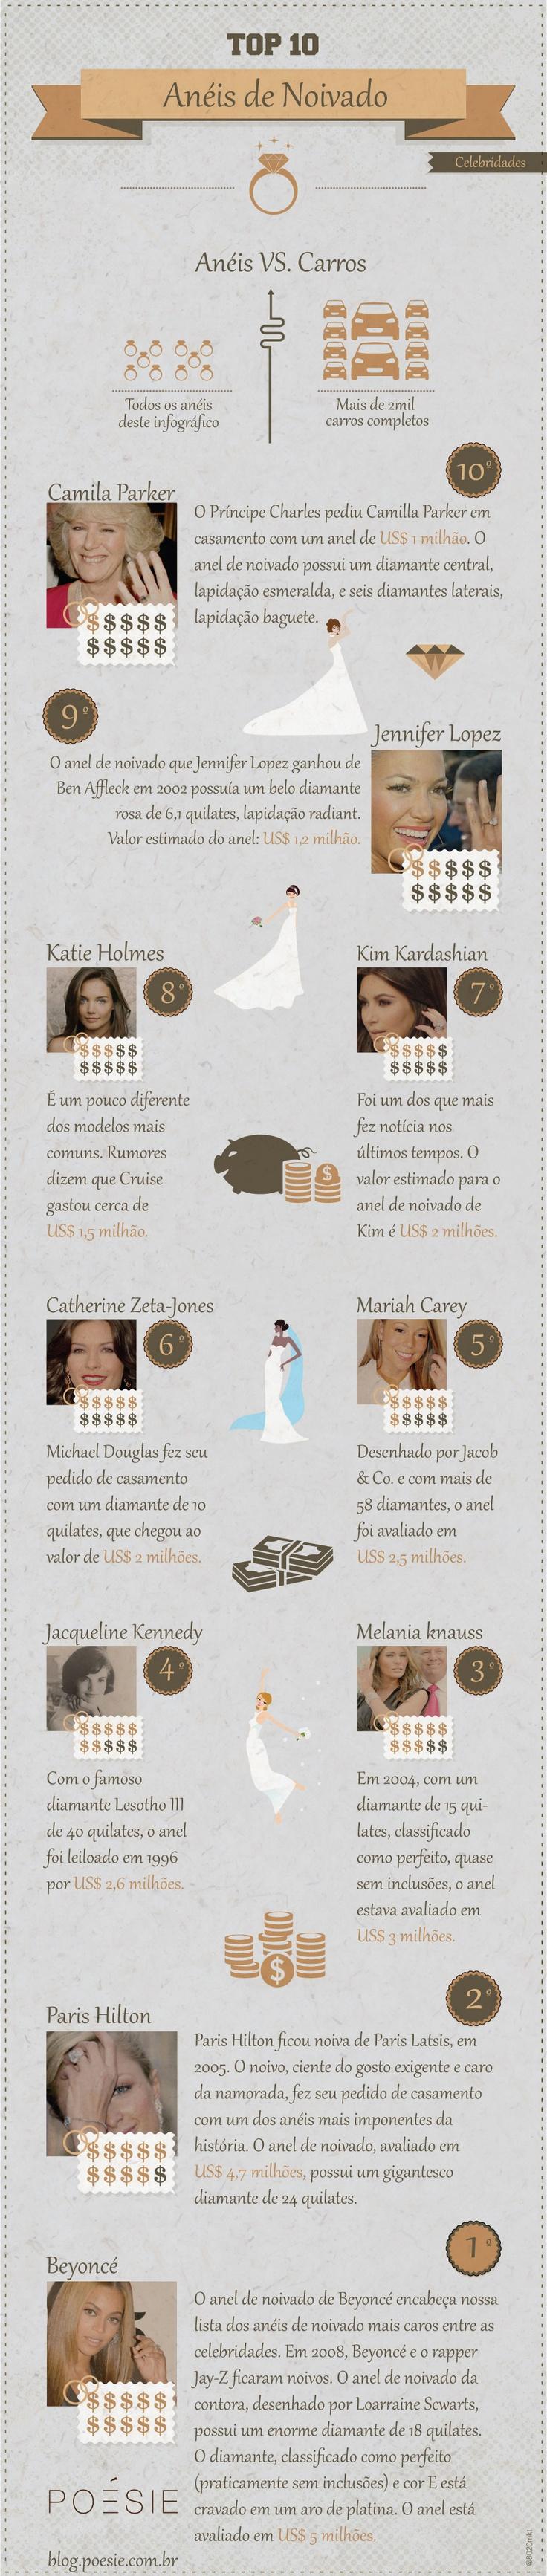 Infográfico - TOP 10 Anéis de Noivado de Celebridades